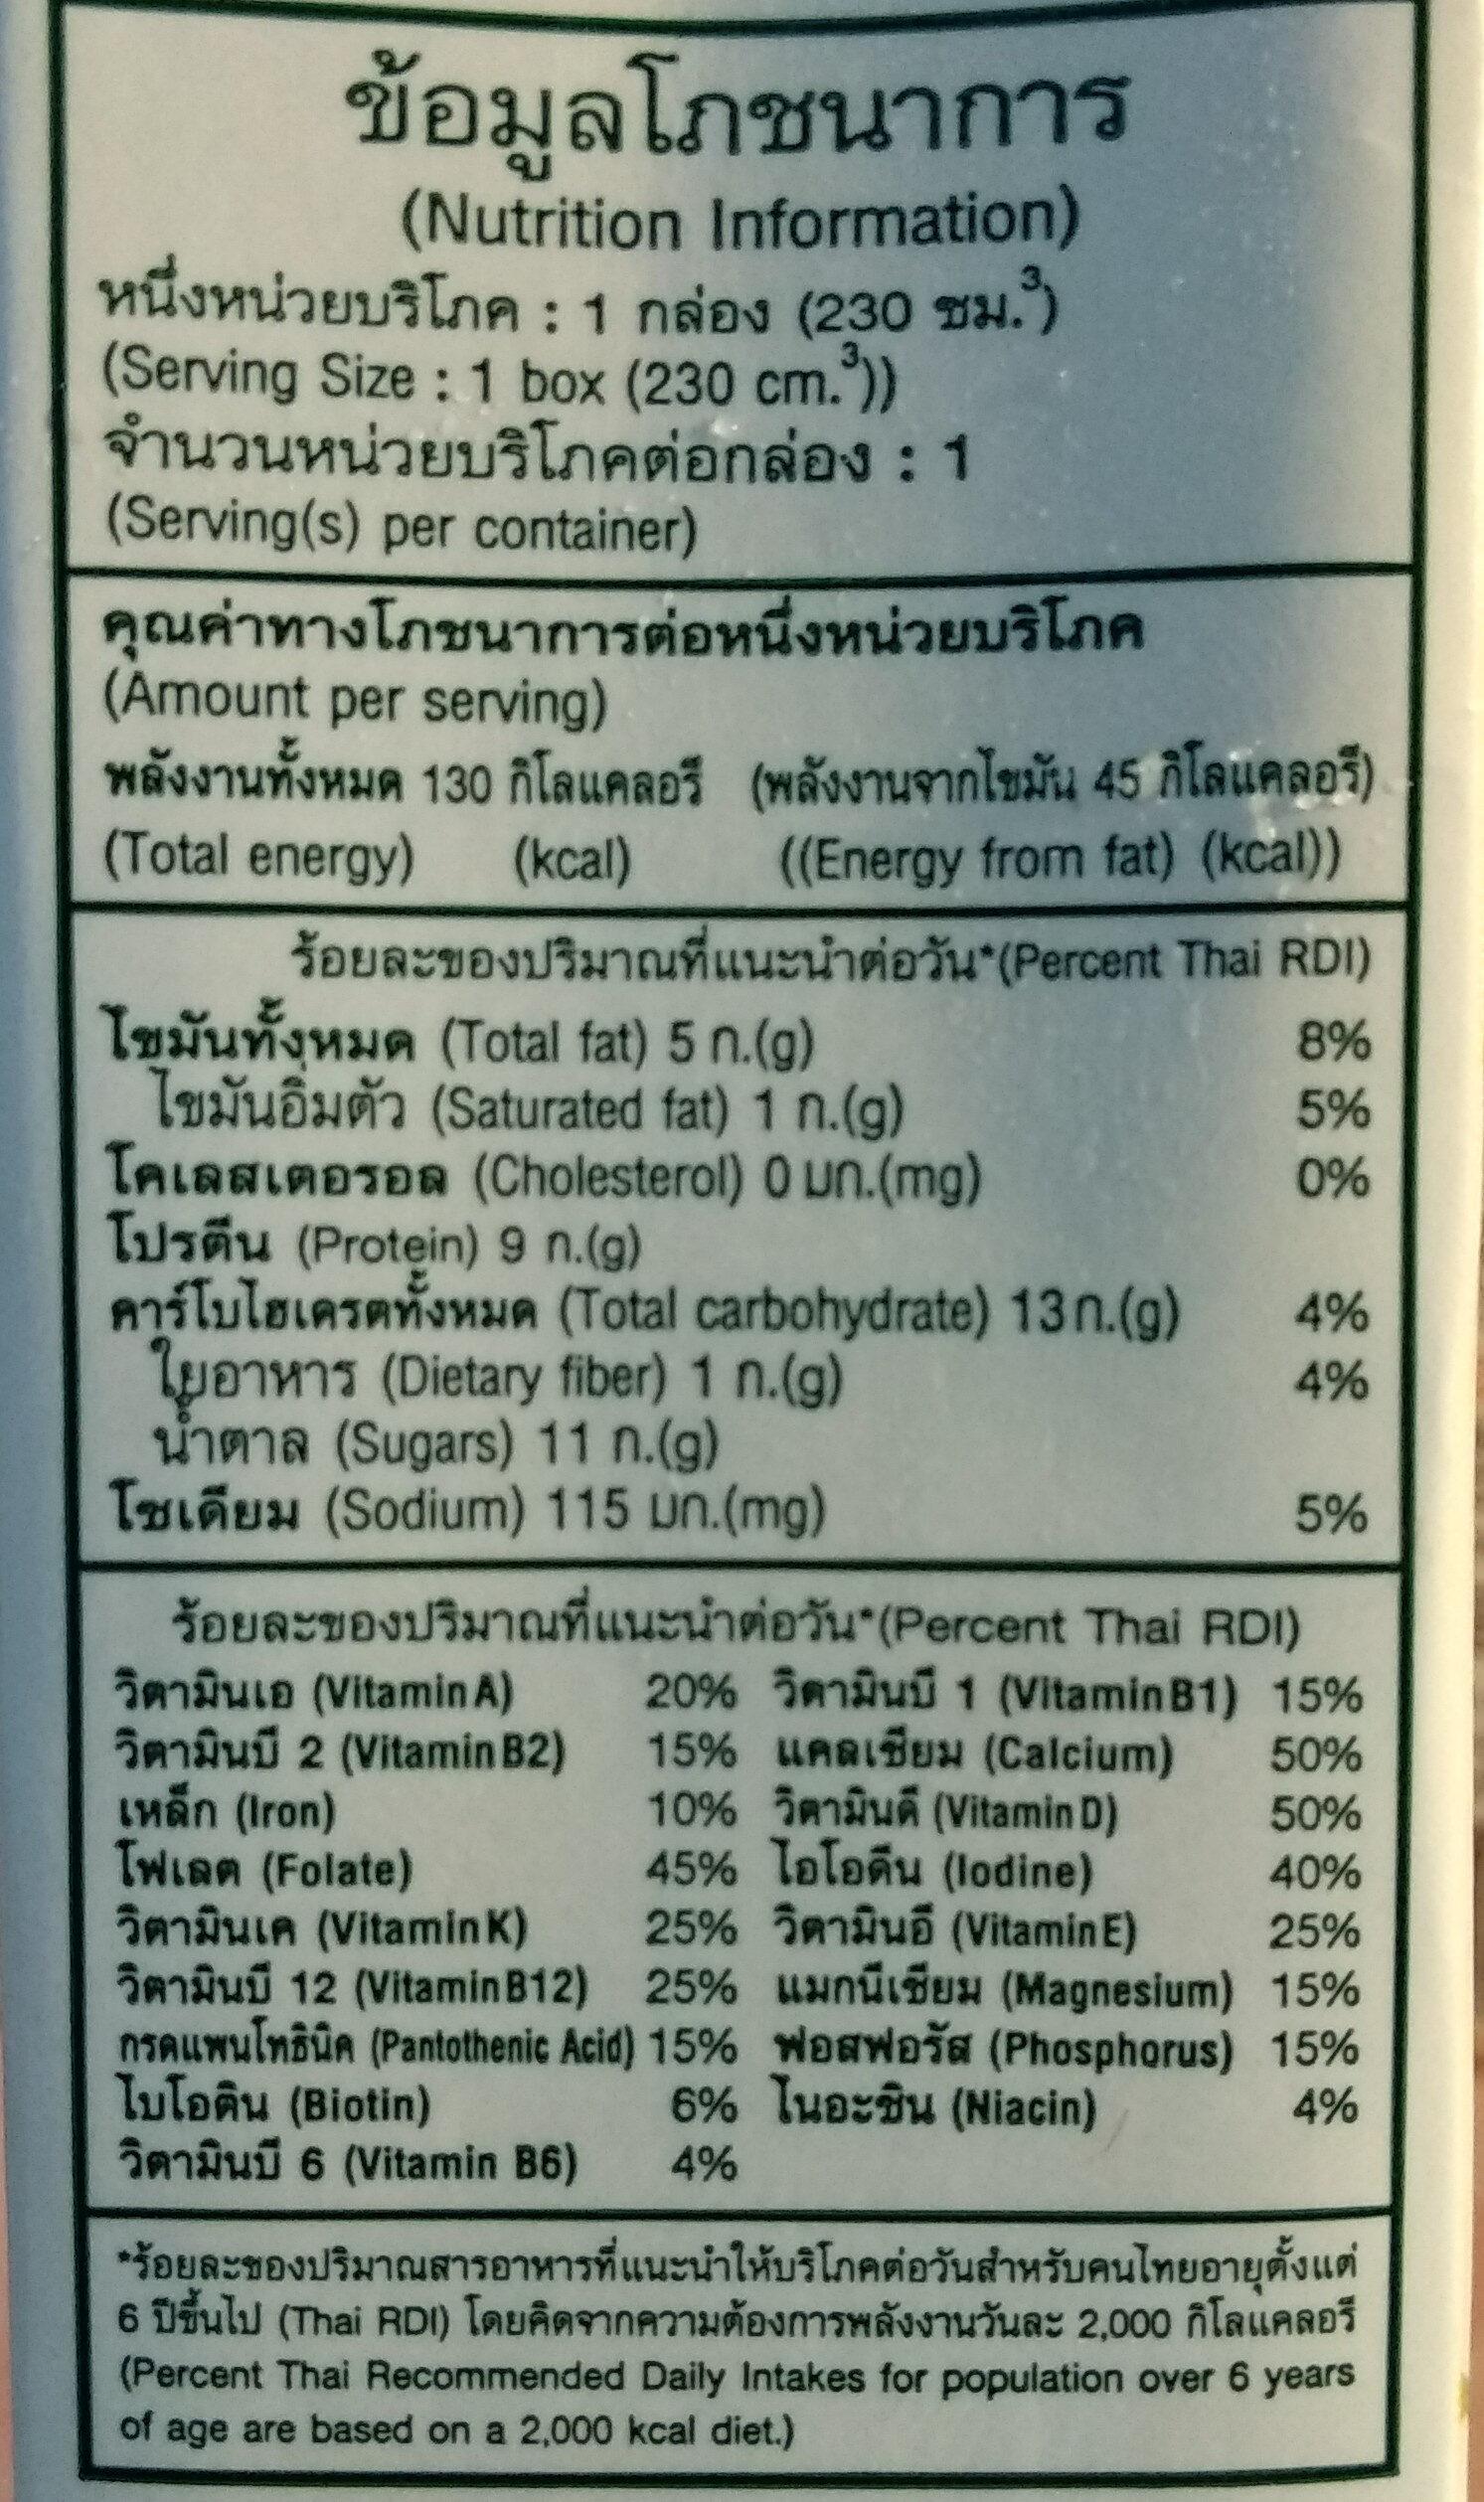 วีซอยสูตรหวานน้อย - Valori nutrizionali - th